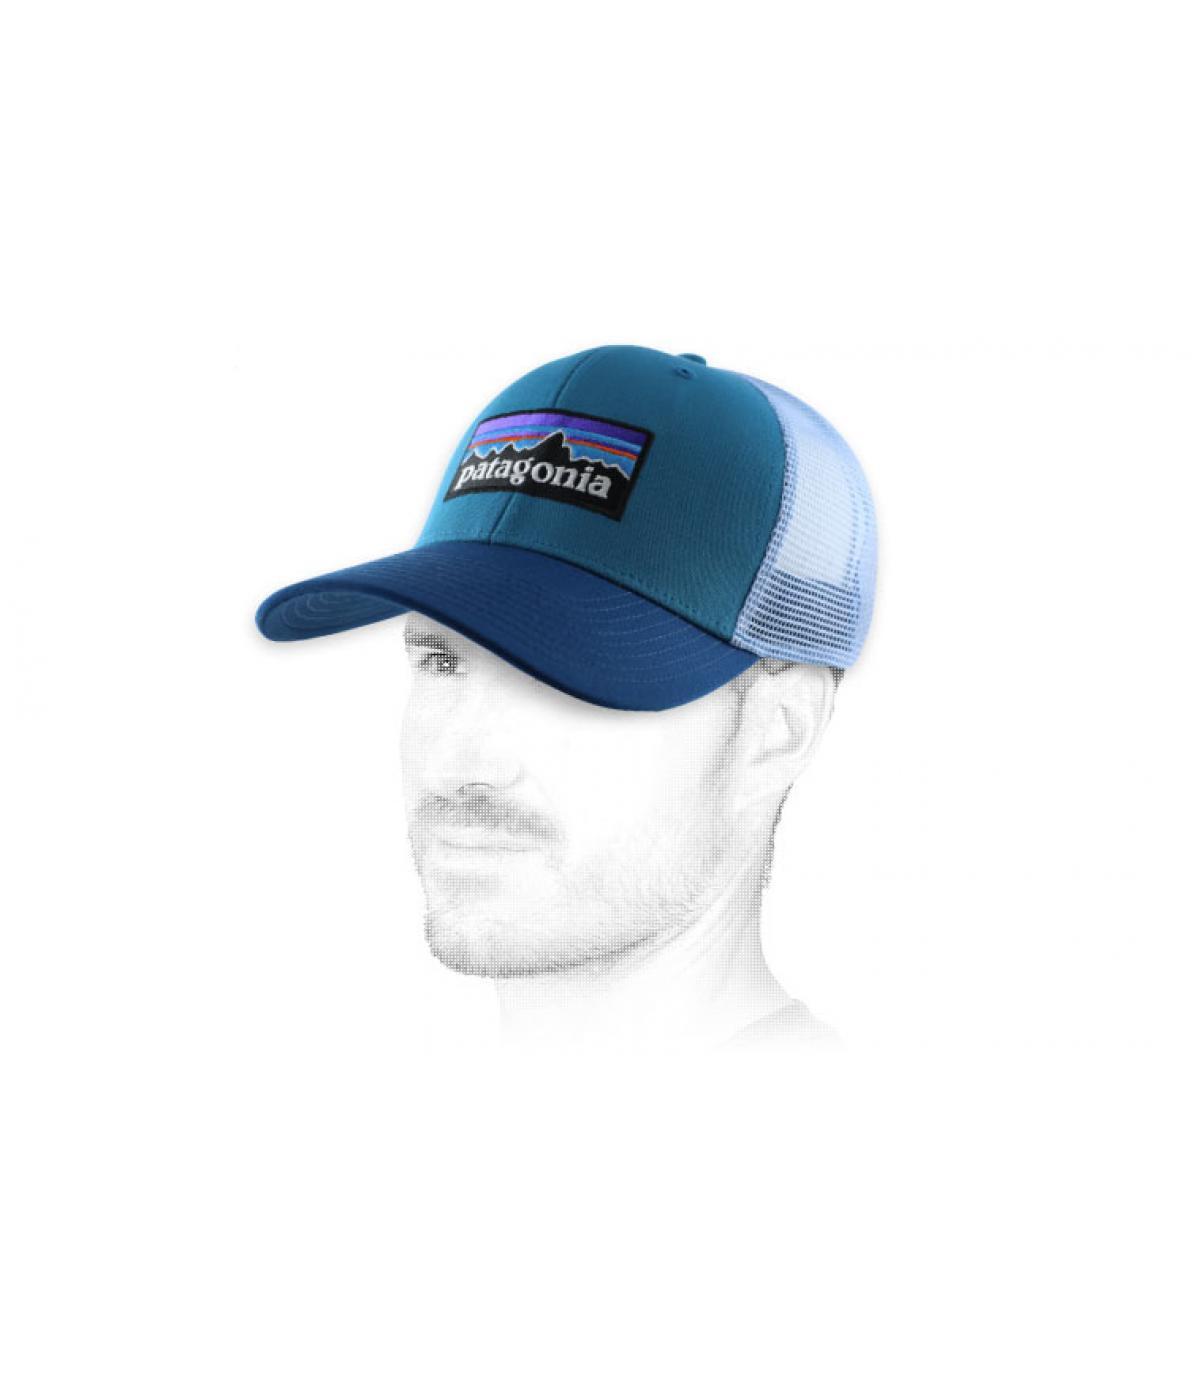 Patagonia blauw trucker